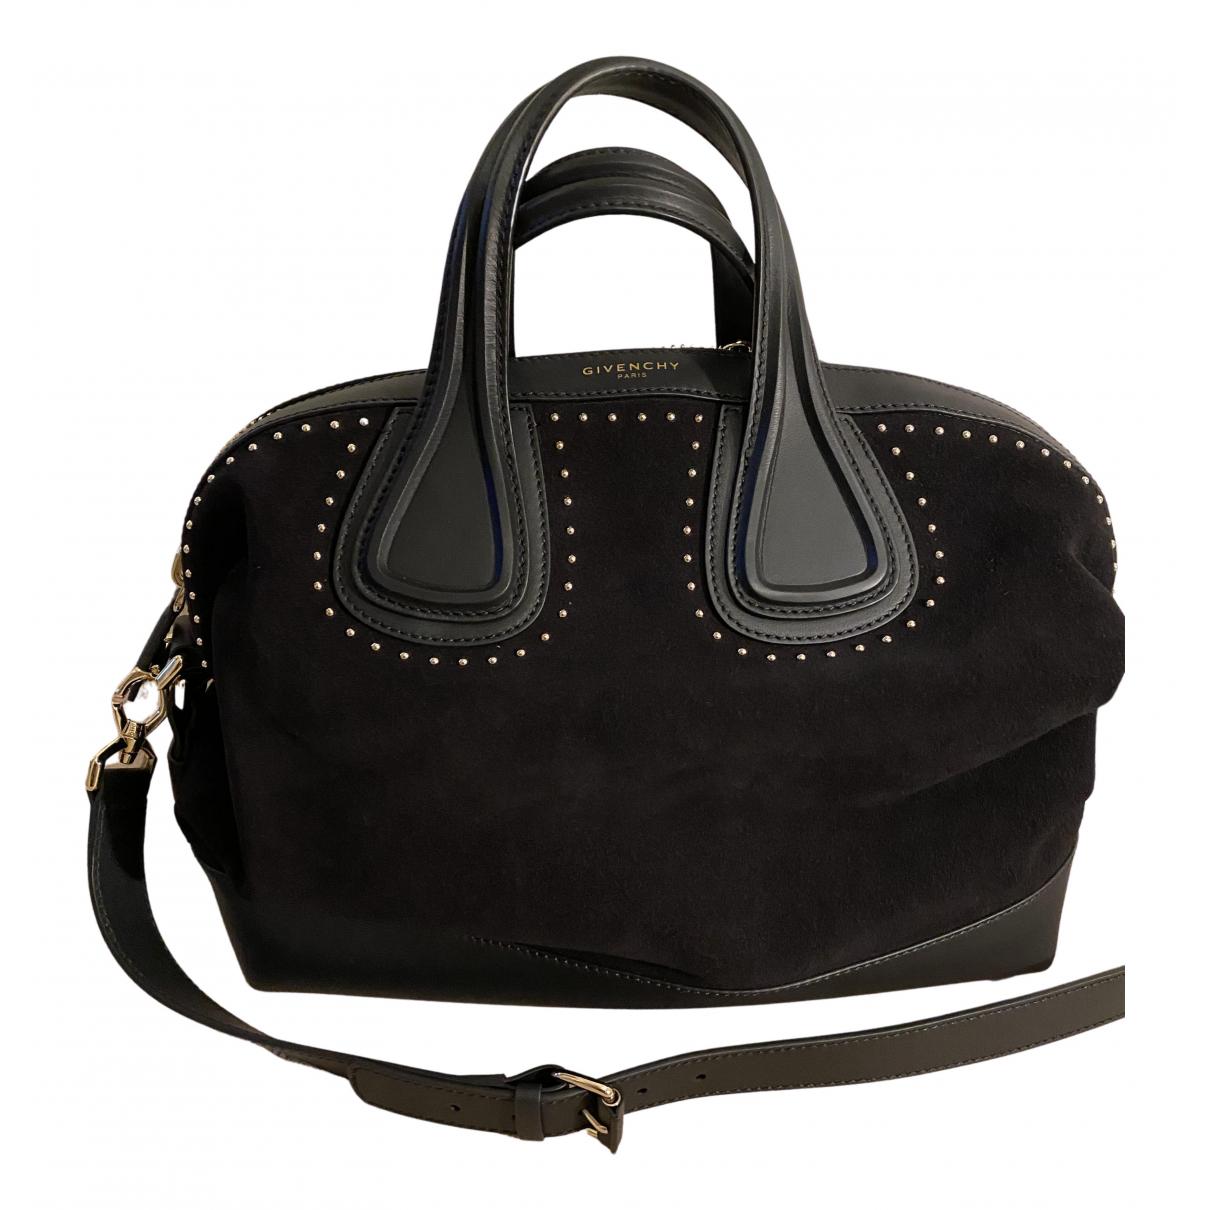 Givenchy Nightingale Handtasche in  Schwarz Veloursleder